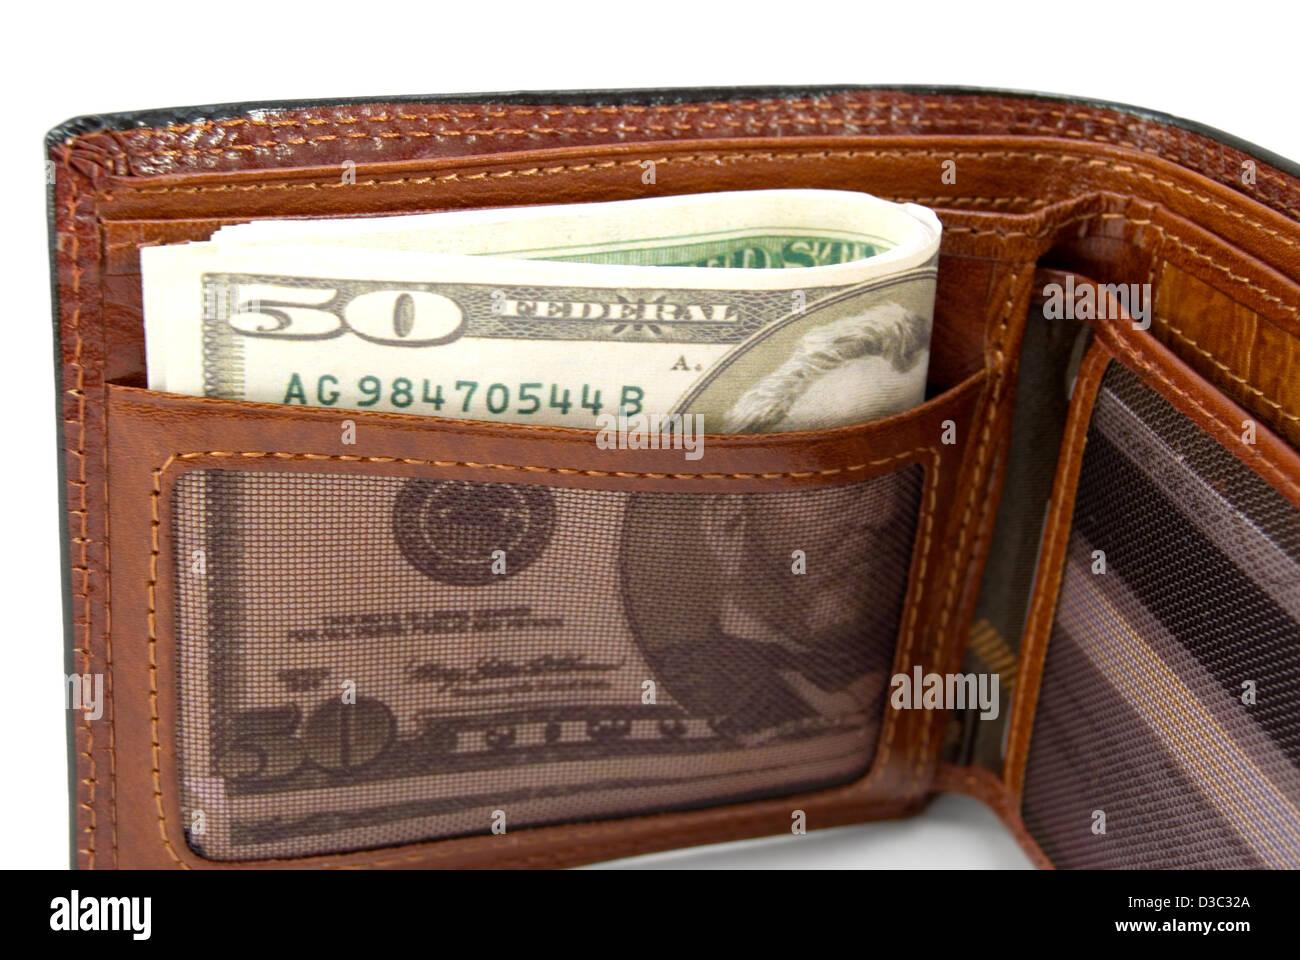 Le sac à main marron avec de l'argent est photographié un close-up Photo Stock